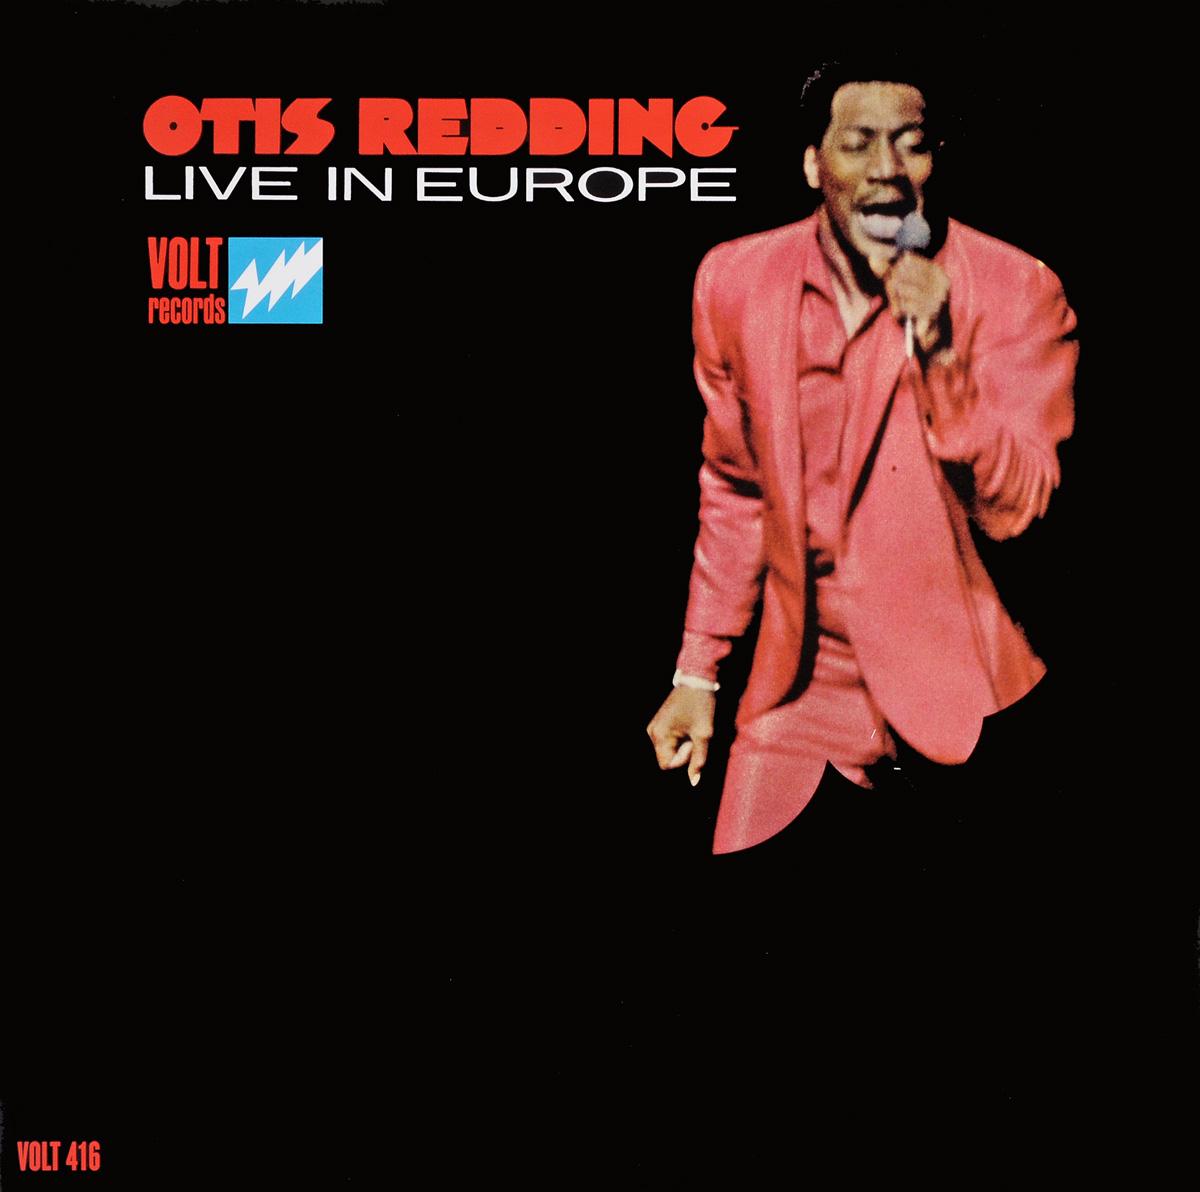 Отис Реддинг Otis Redding. Live In Europe (LP) shoes 8 5 in europe